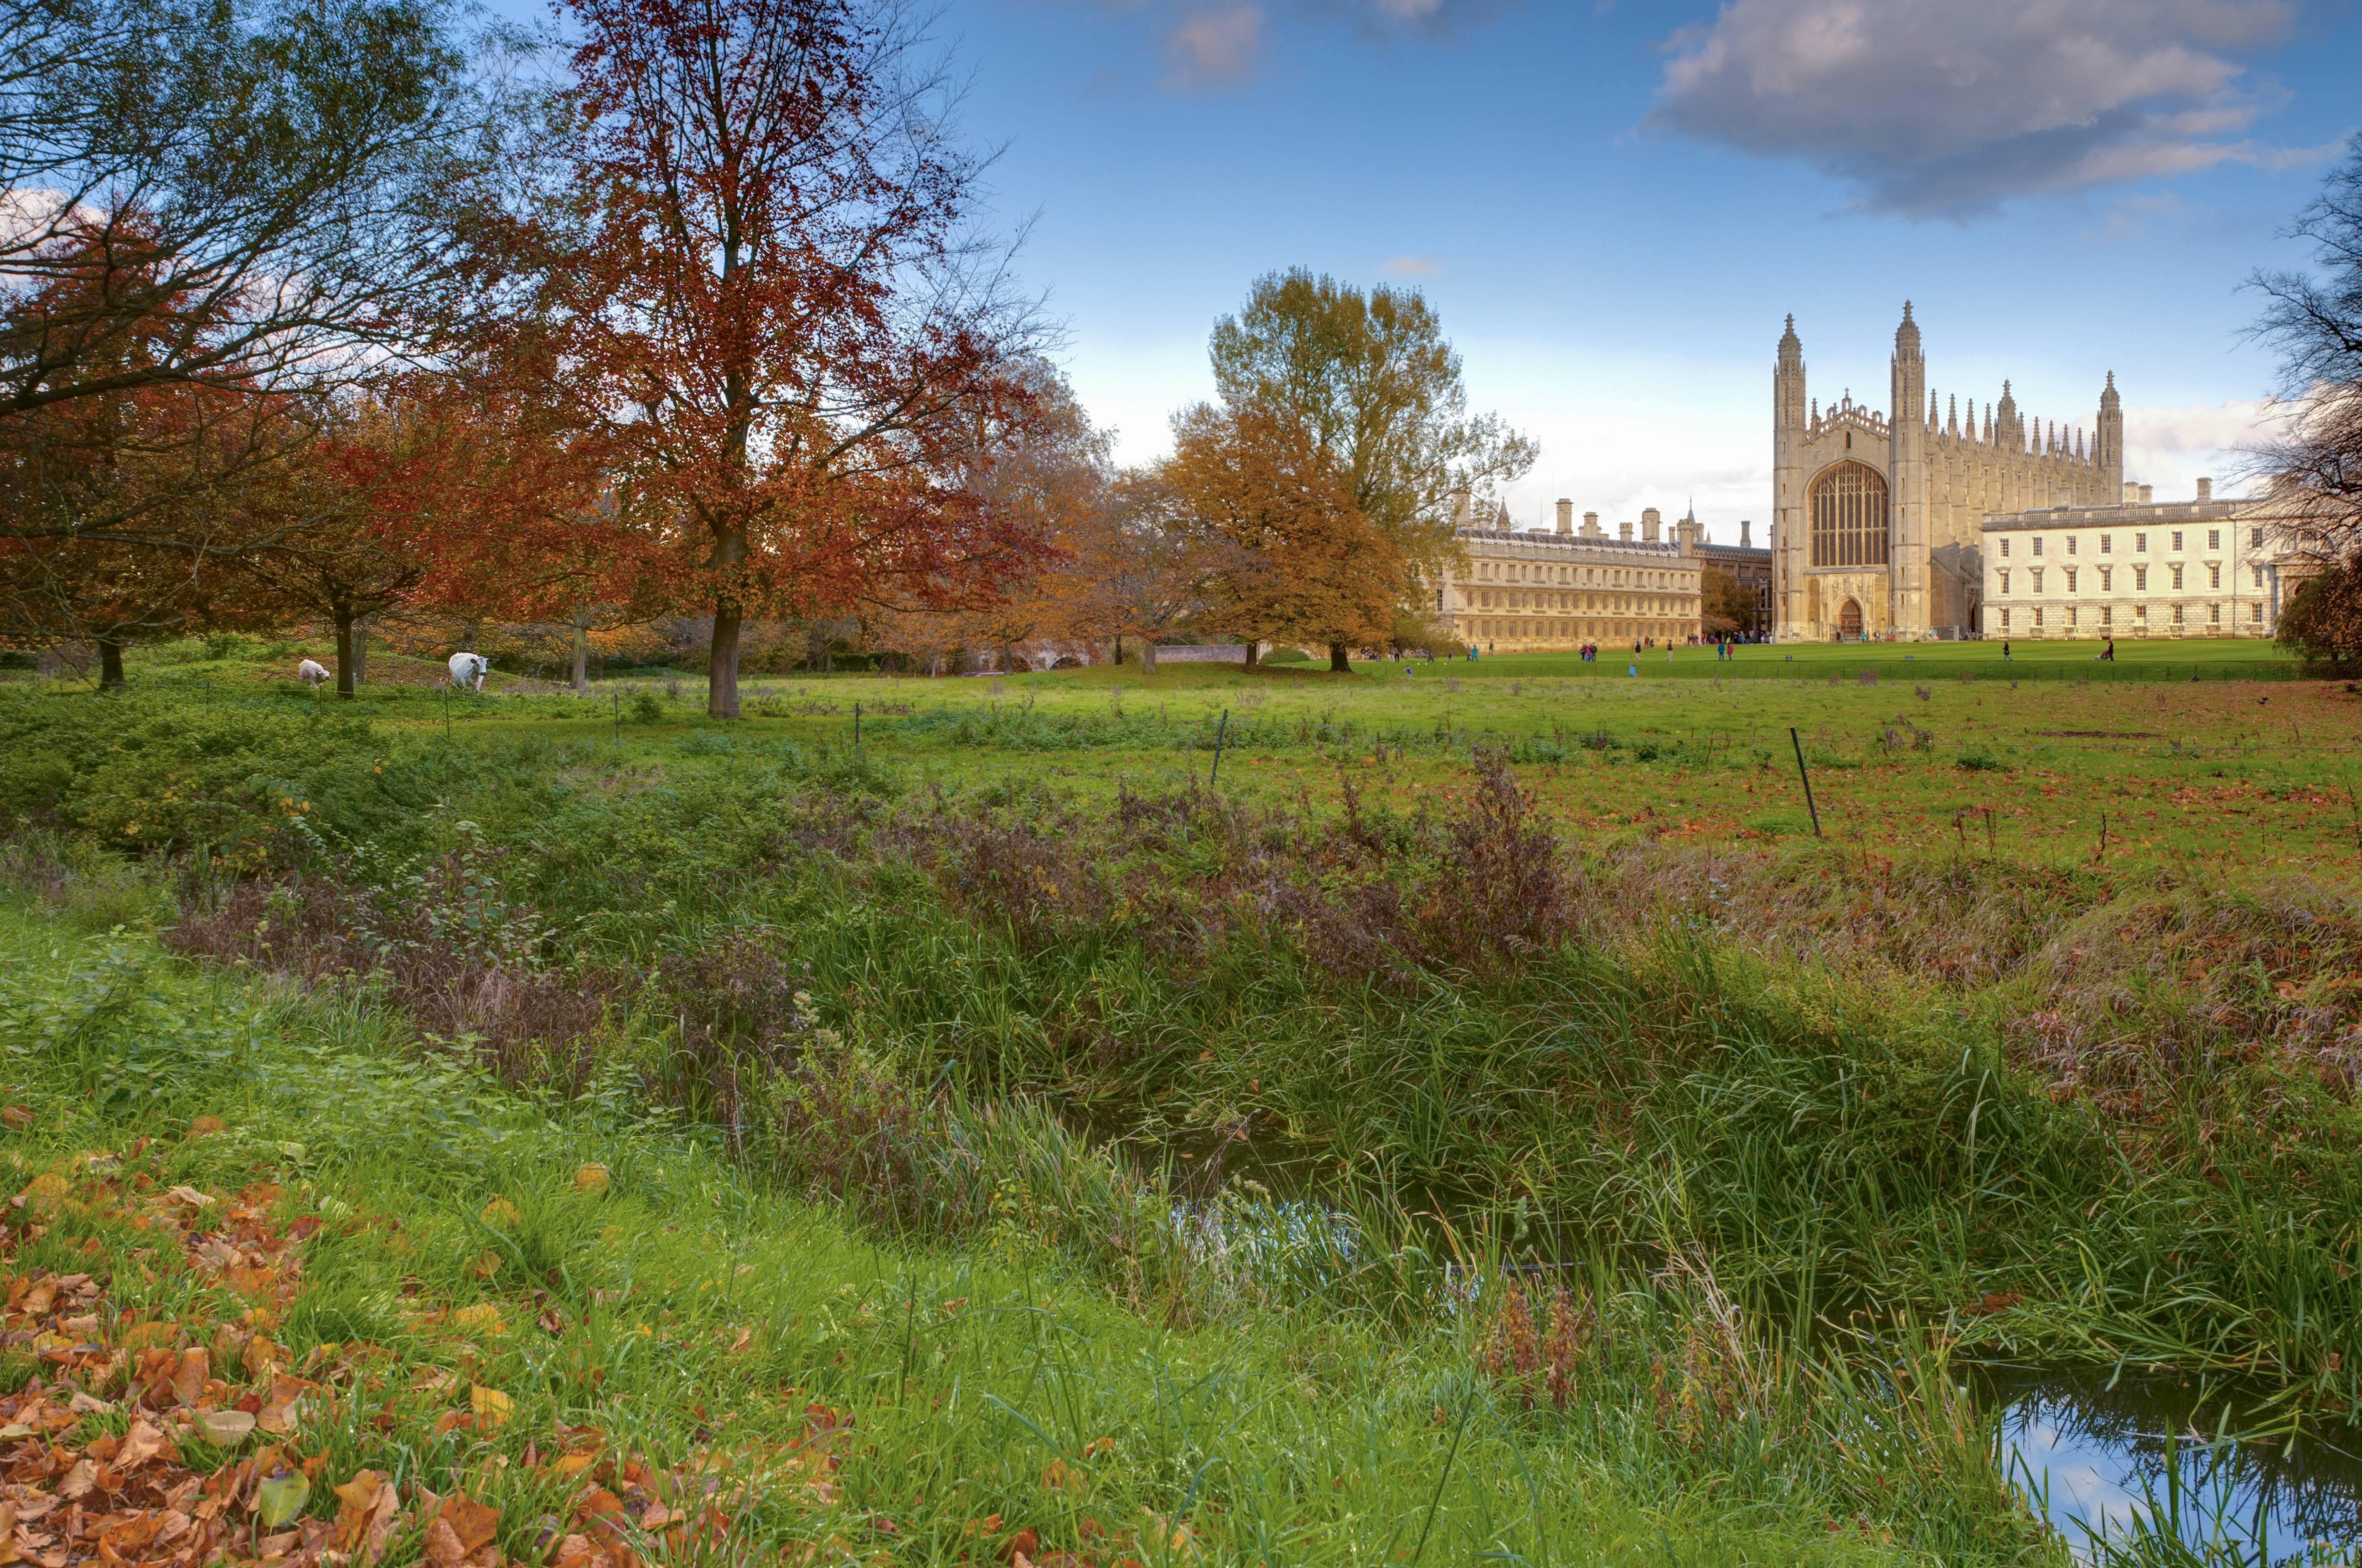 Grüne Wiesen, Schafe und gotische Mauern: Die Universität Cambridge, wie man sie sich in Hollywood vorstellt.